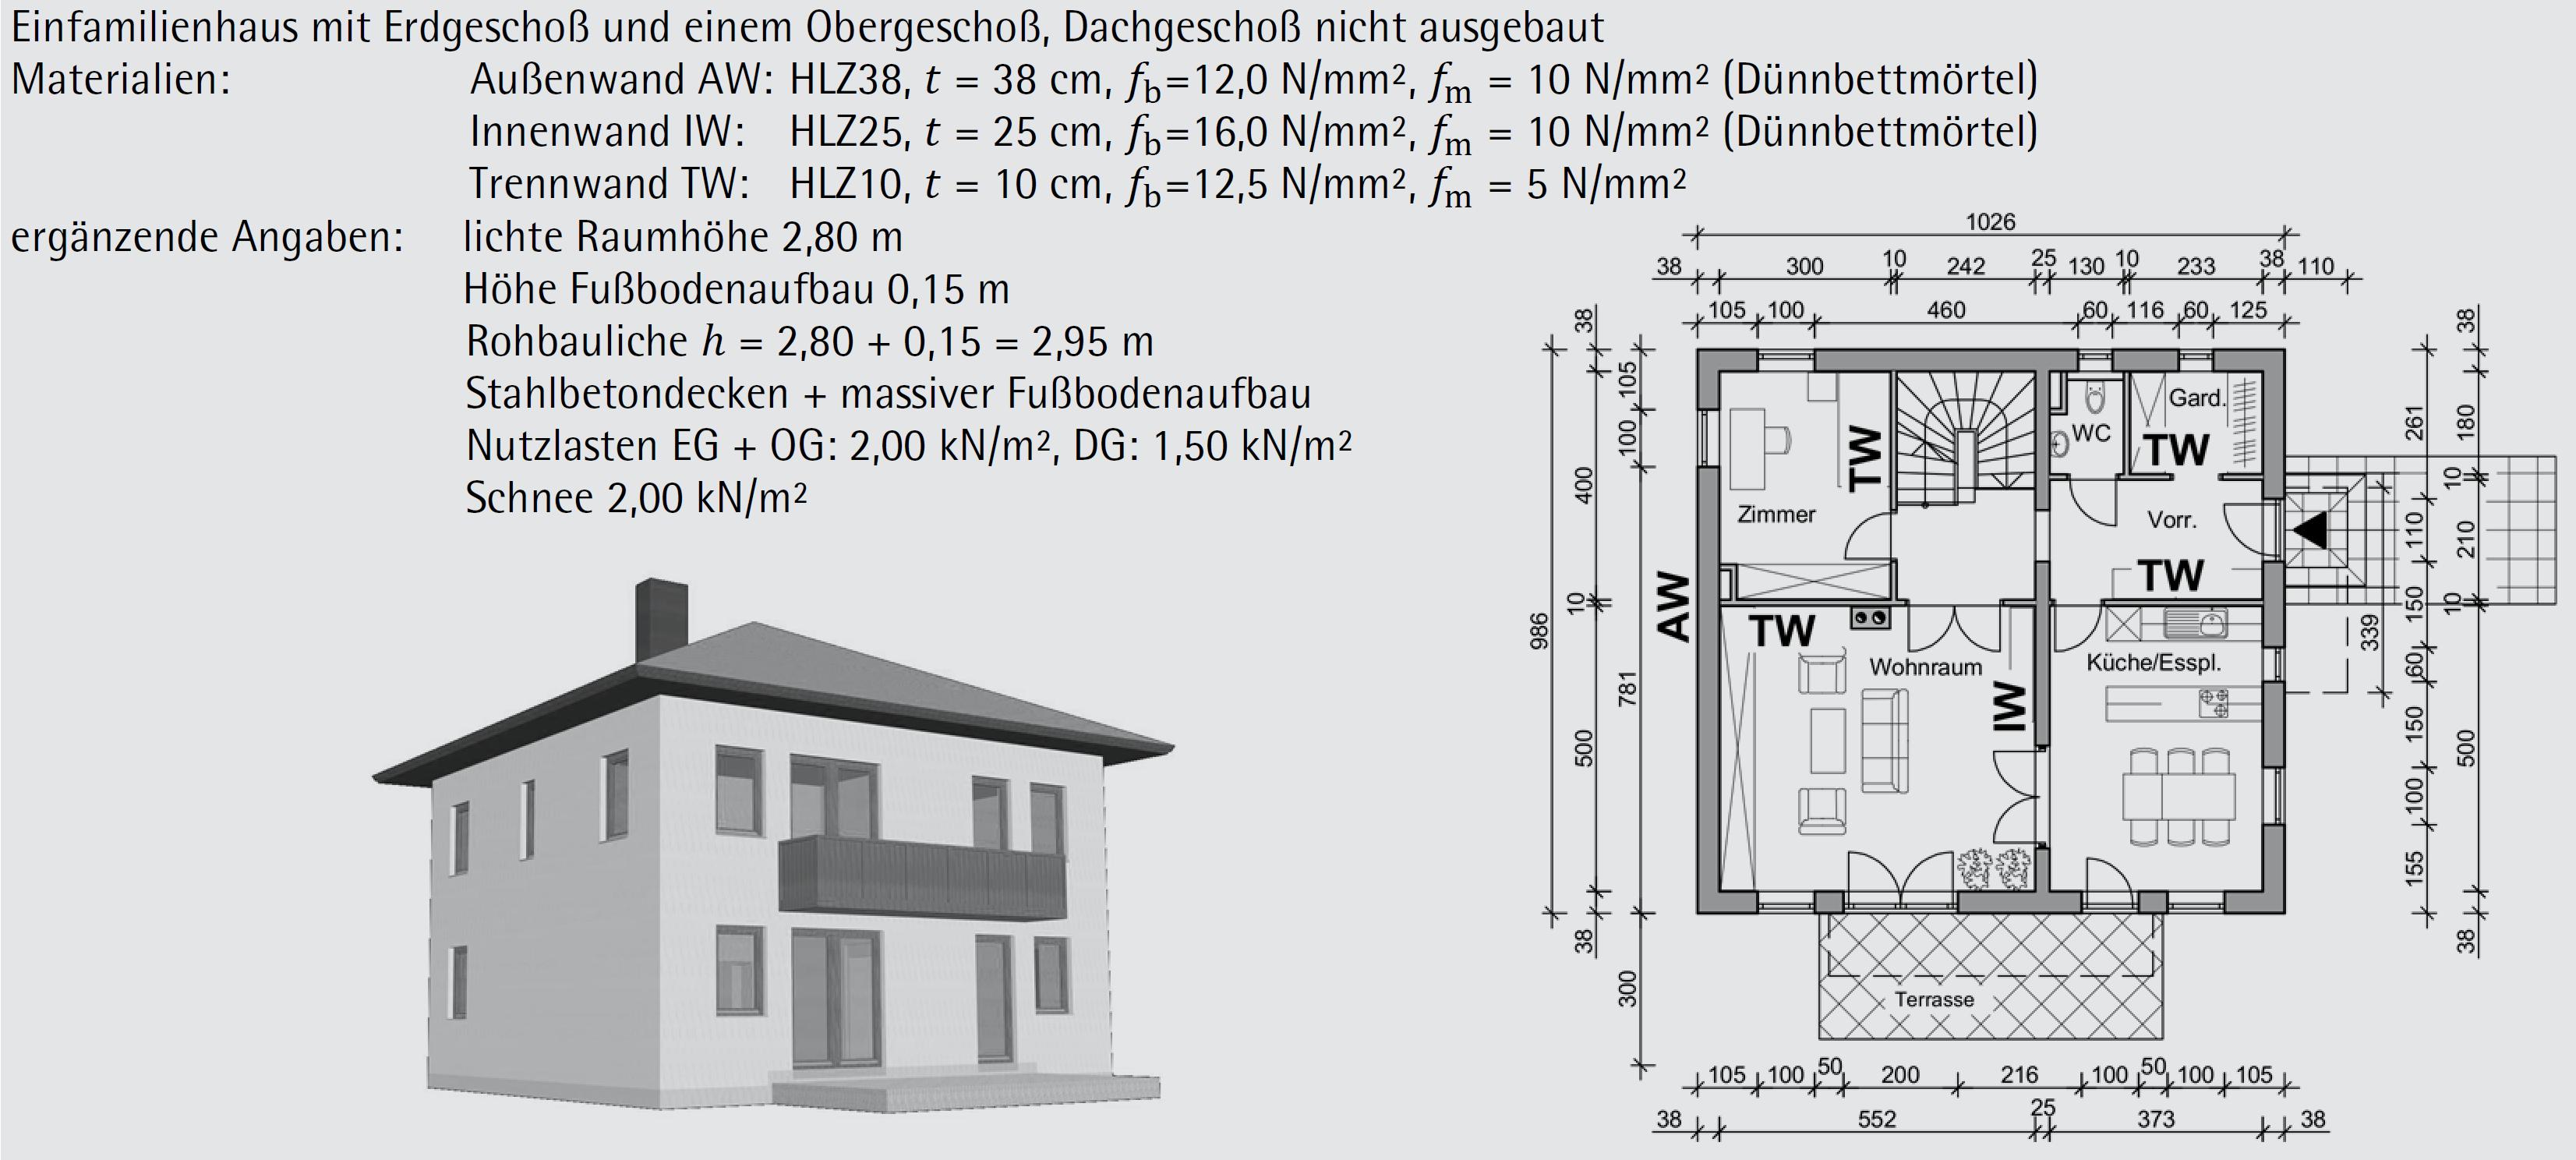 Beispiel 6-02: vereinfachter vertikaler Bemessungsnachweis – ÖNORM EN 1996-3 (Teil 1/2)